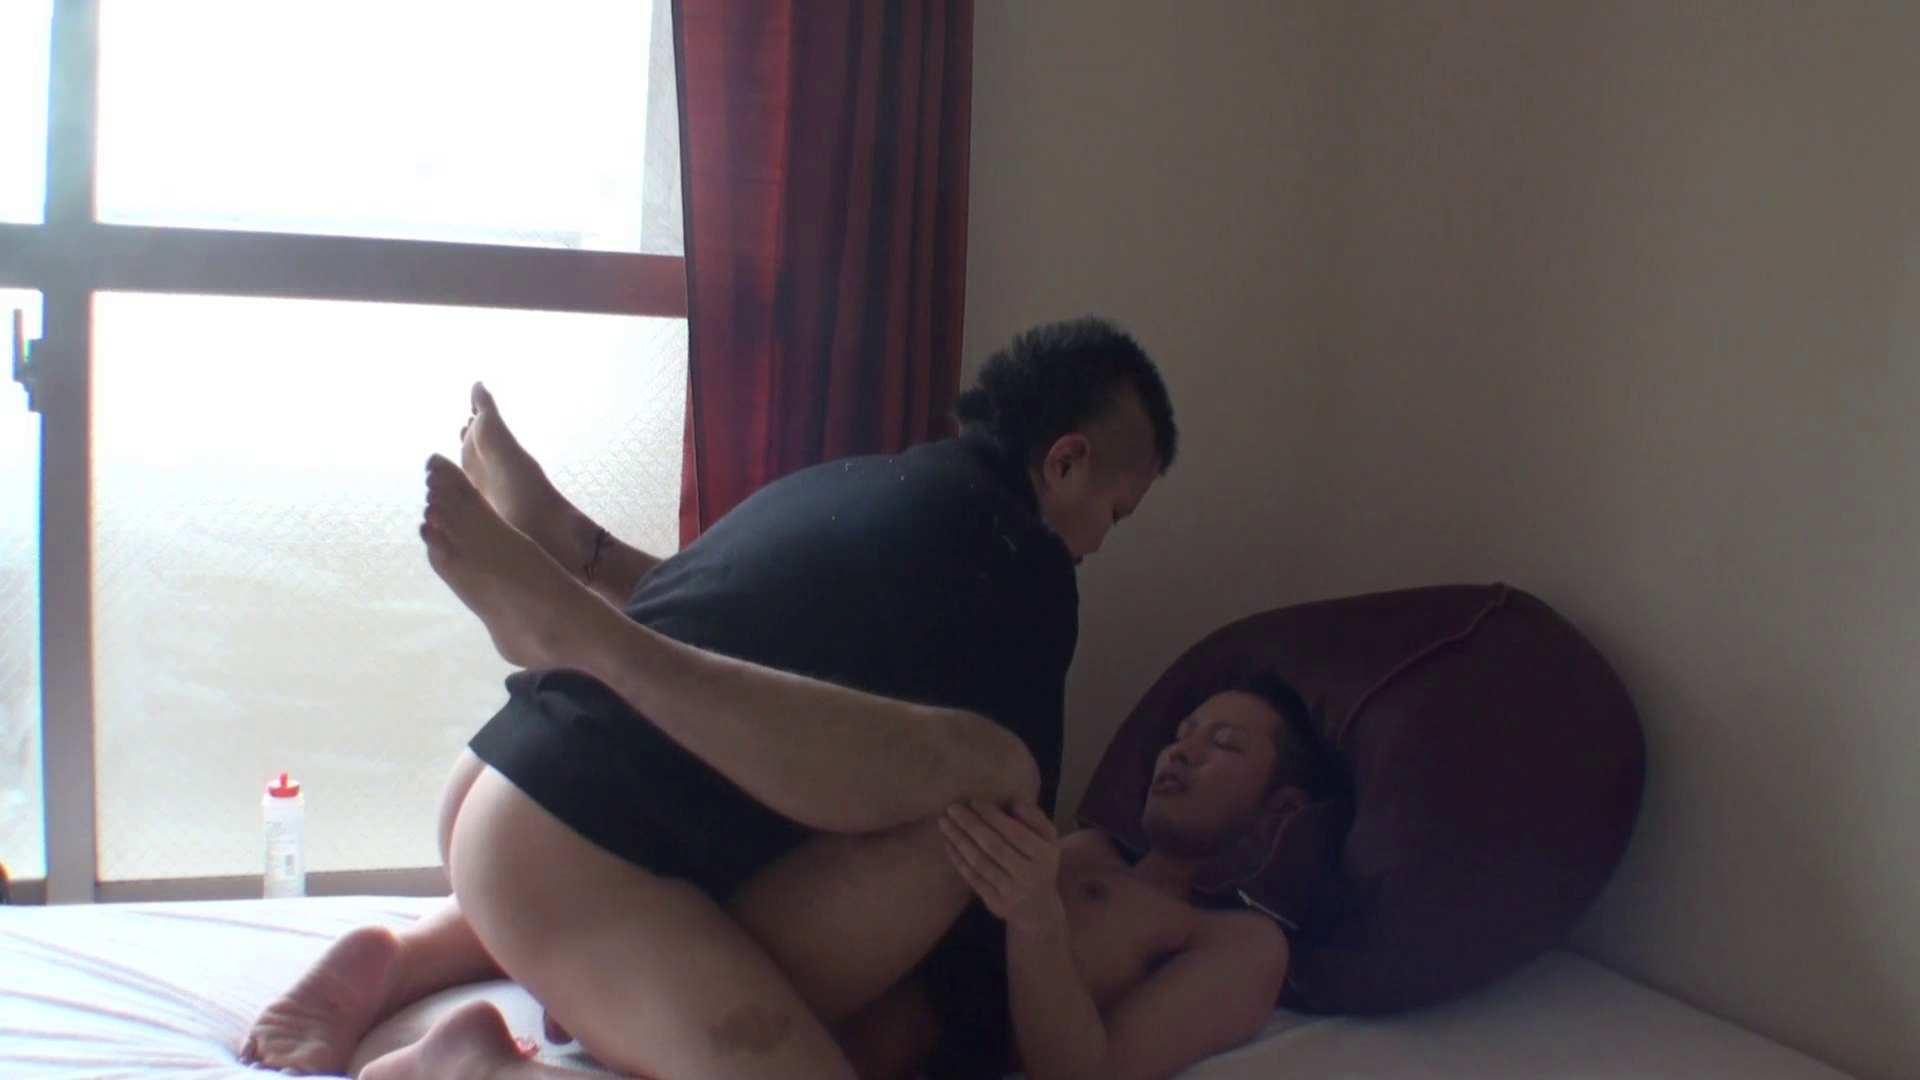 HD 良太と健二当たり前の日常 セックス編 男子カップル ゲイエロ動画 65枚 49